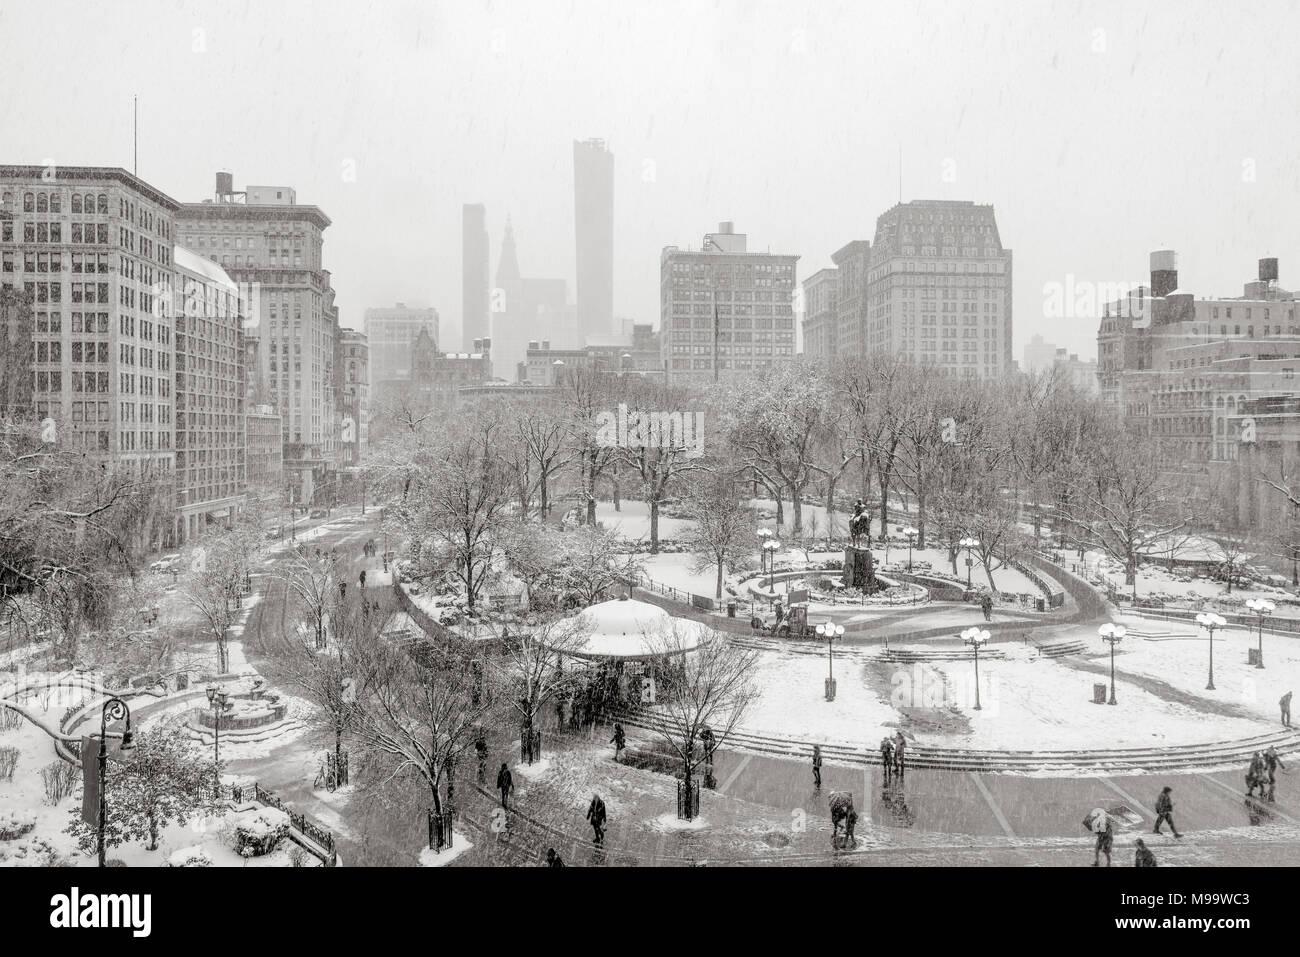 Union Square Park in inverno sotto la neve (nero & bianco). Manhattan, New York City Immagini Stock